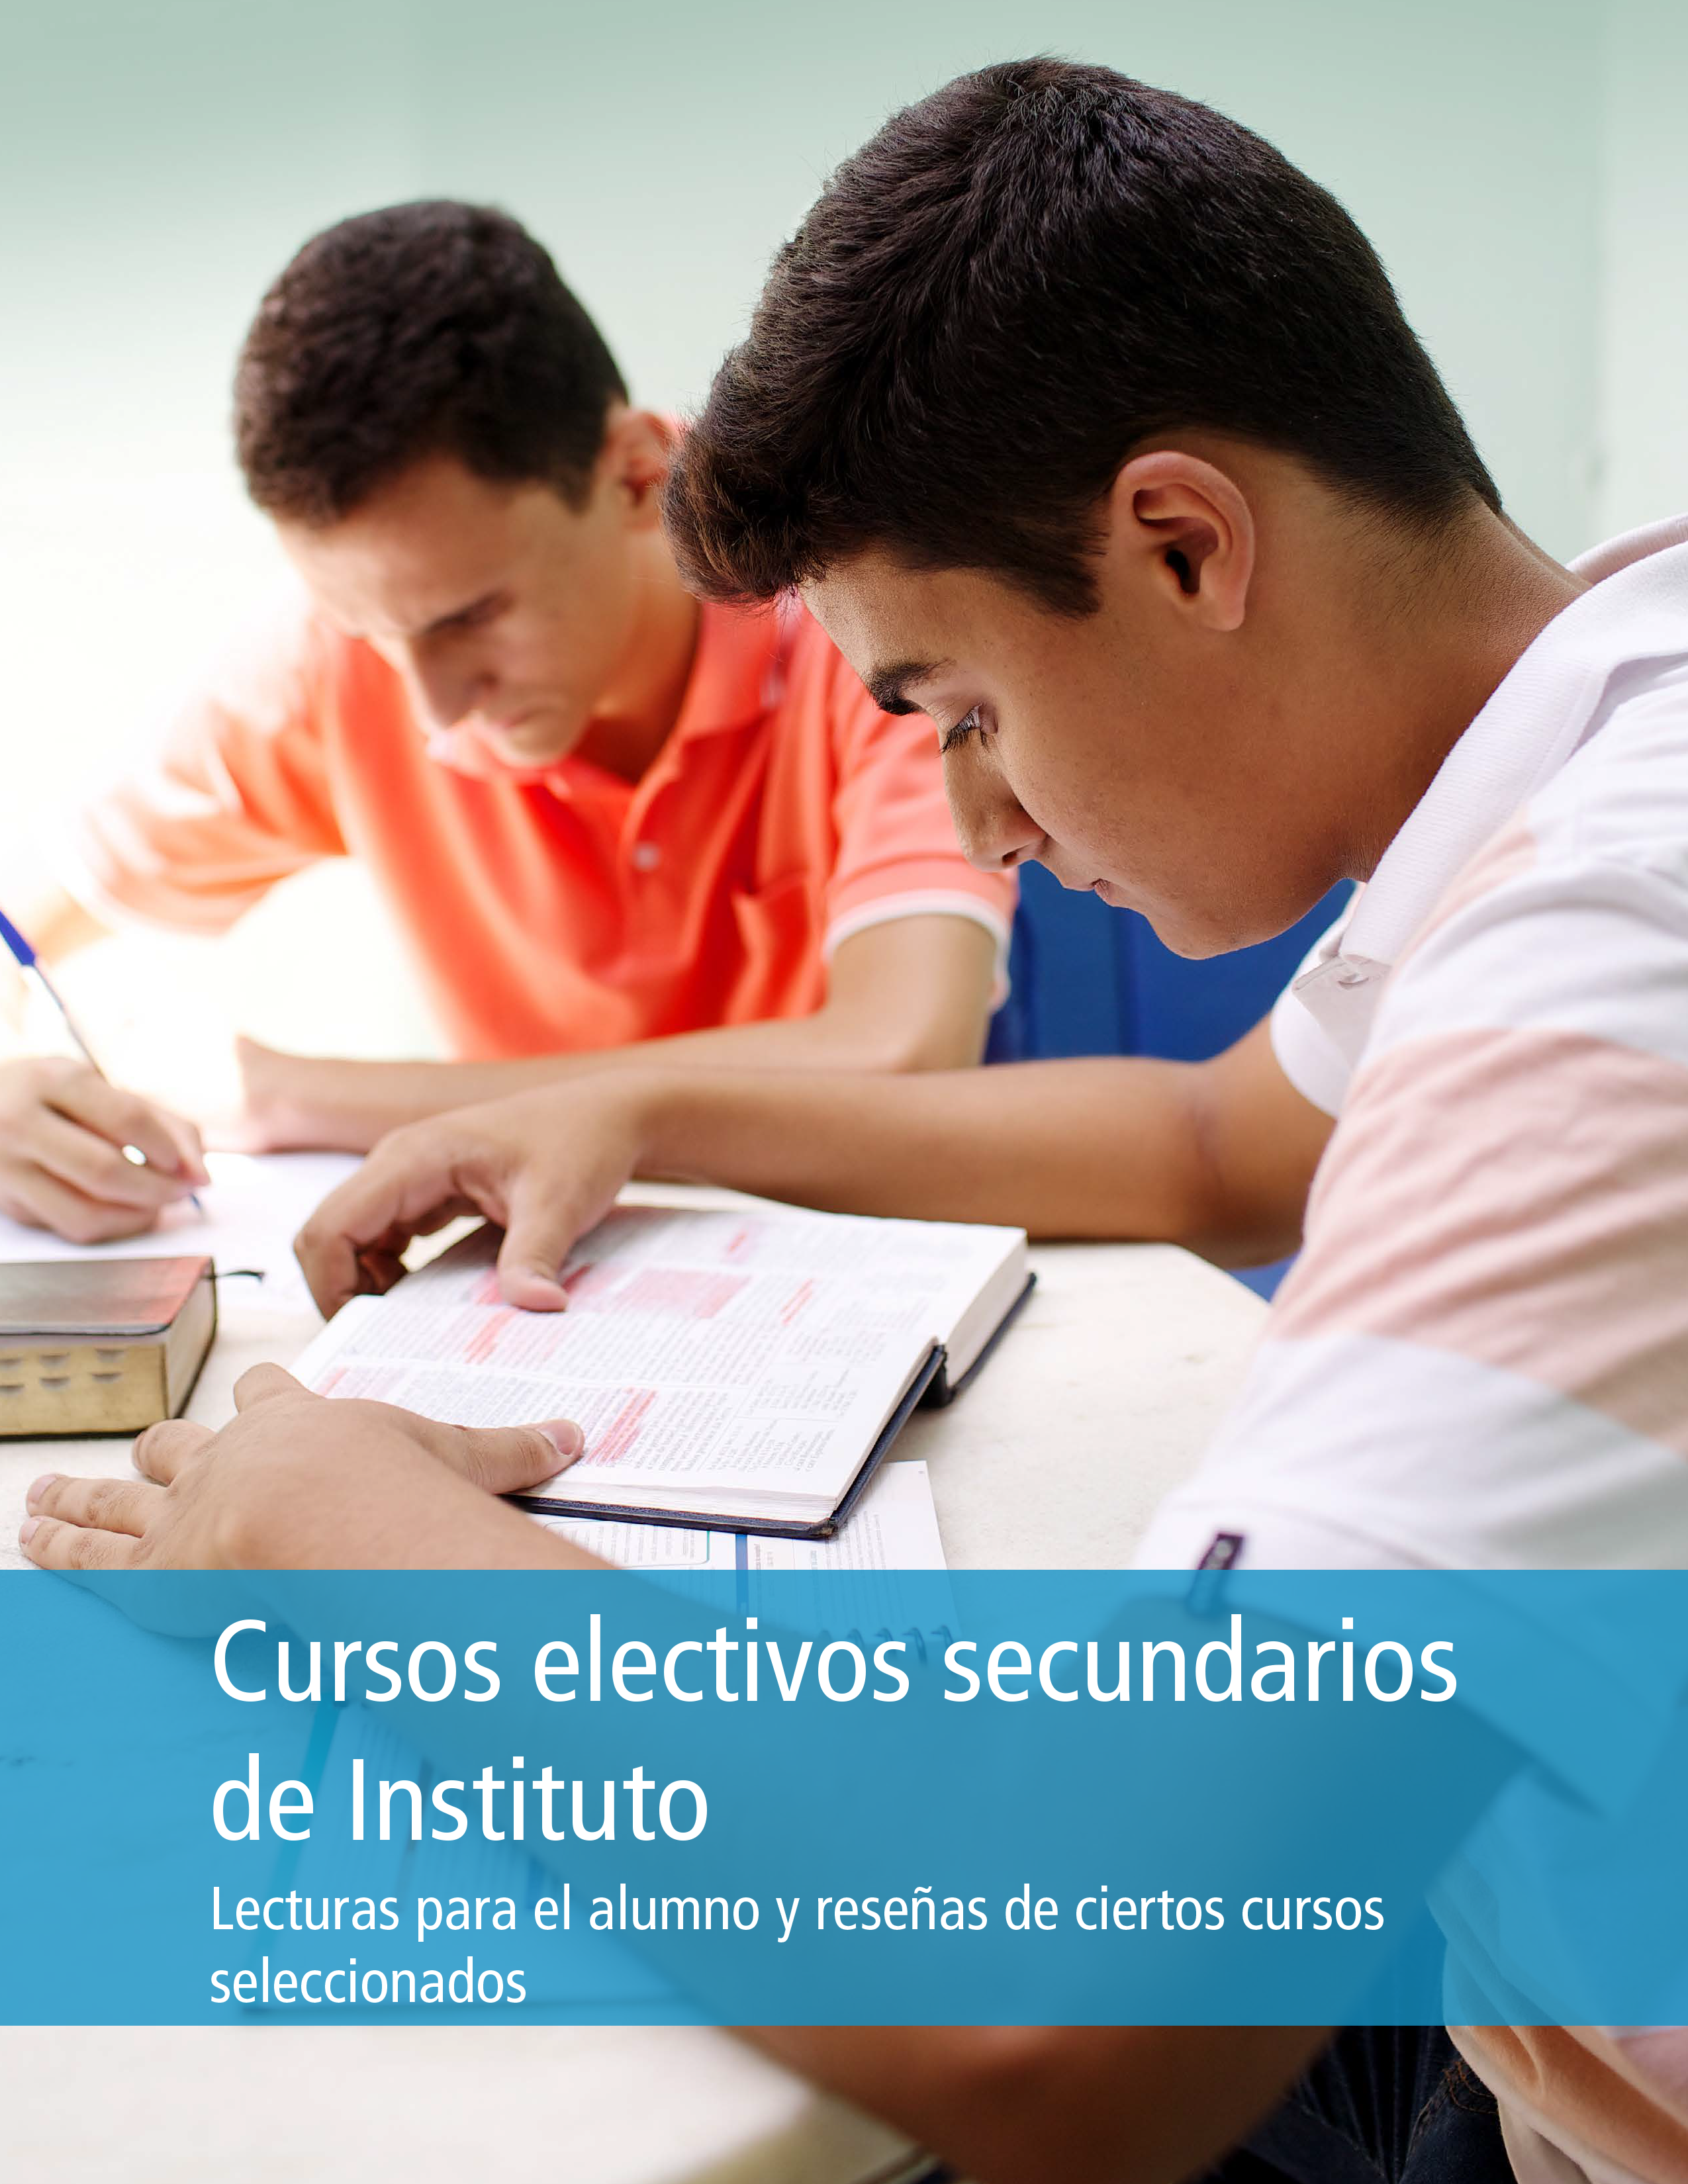 Lecturas electivas secundarias de Instituto para el alumno